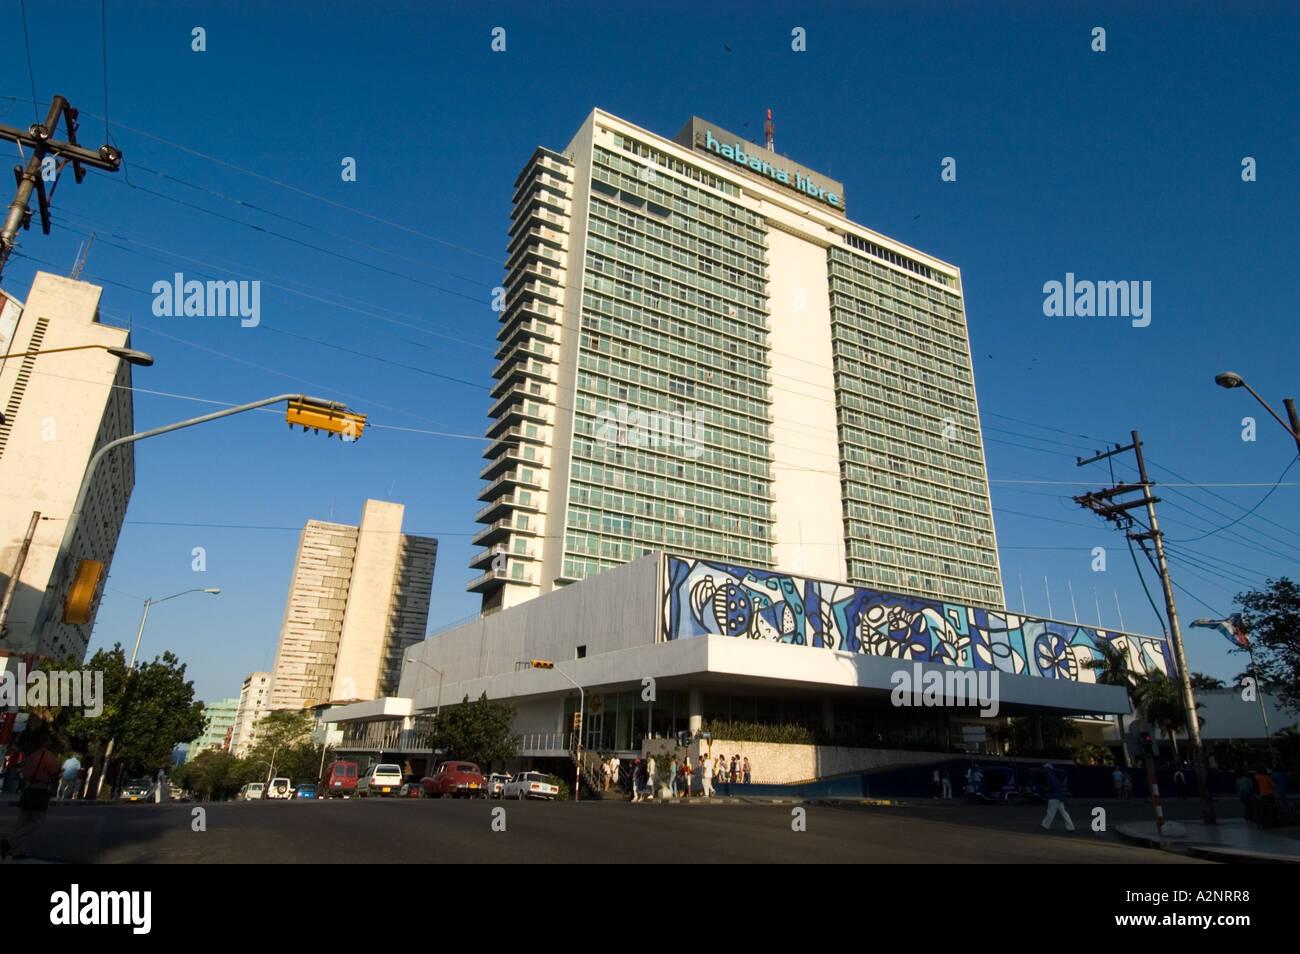 Hotel Tryp Habana Libre, Havana Cuba - Stock Image